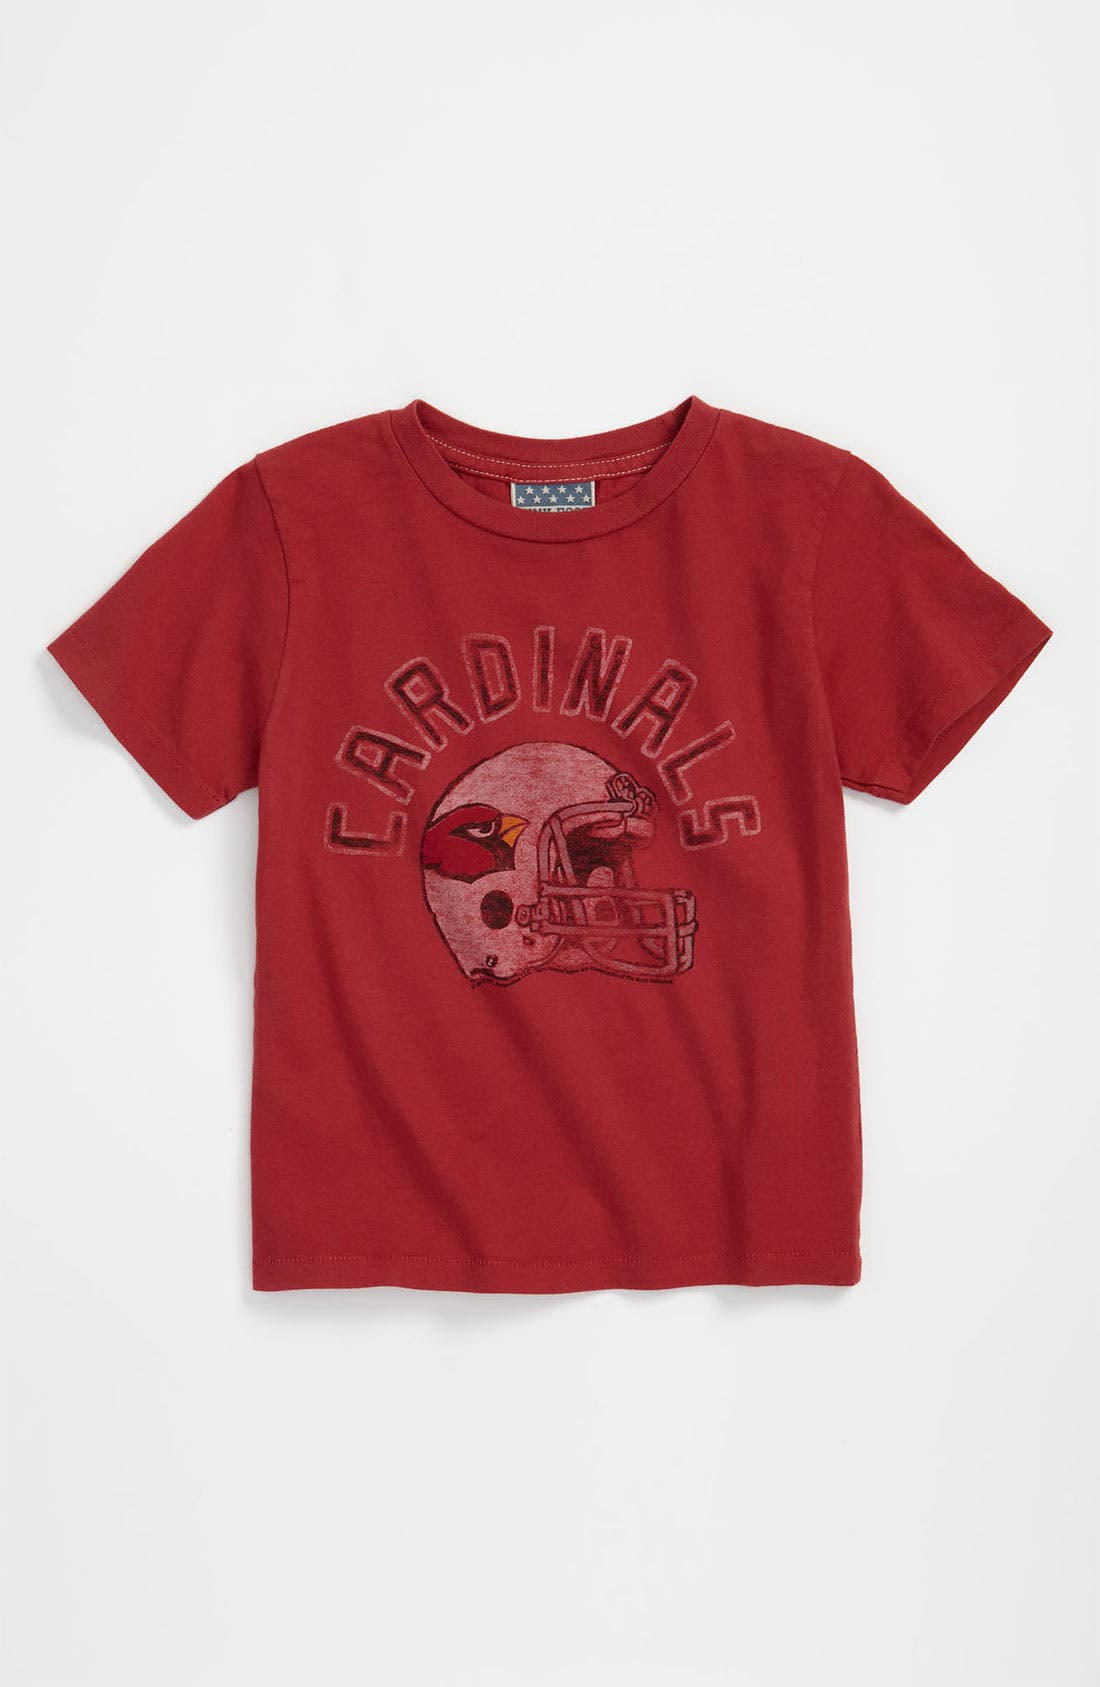 Alternate Image 1 Selected - Junk Food 'Arizona Cardinals' T-Shirt (Toddler)